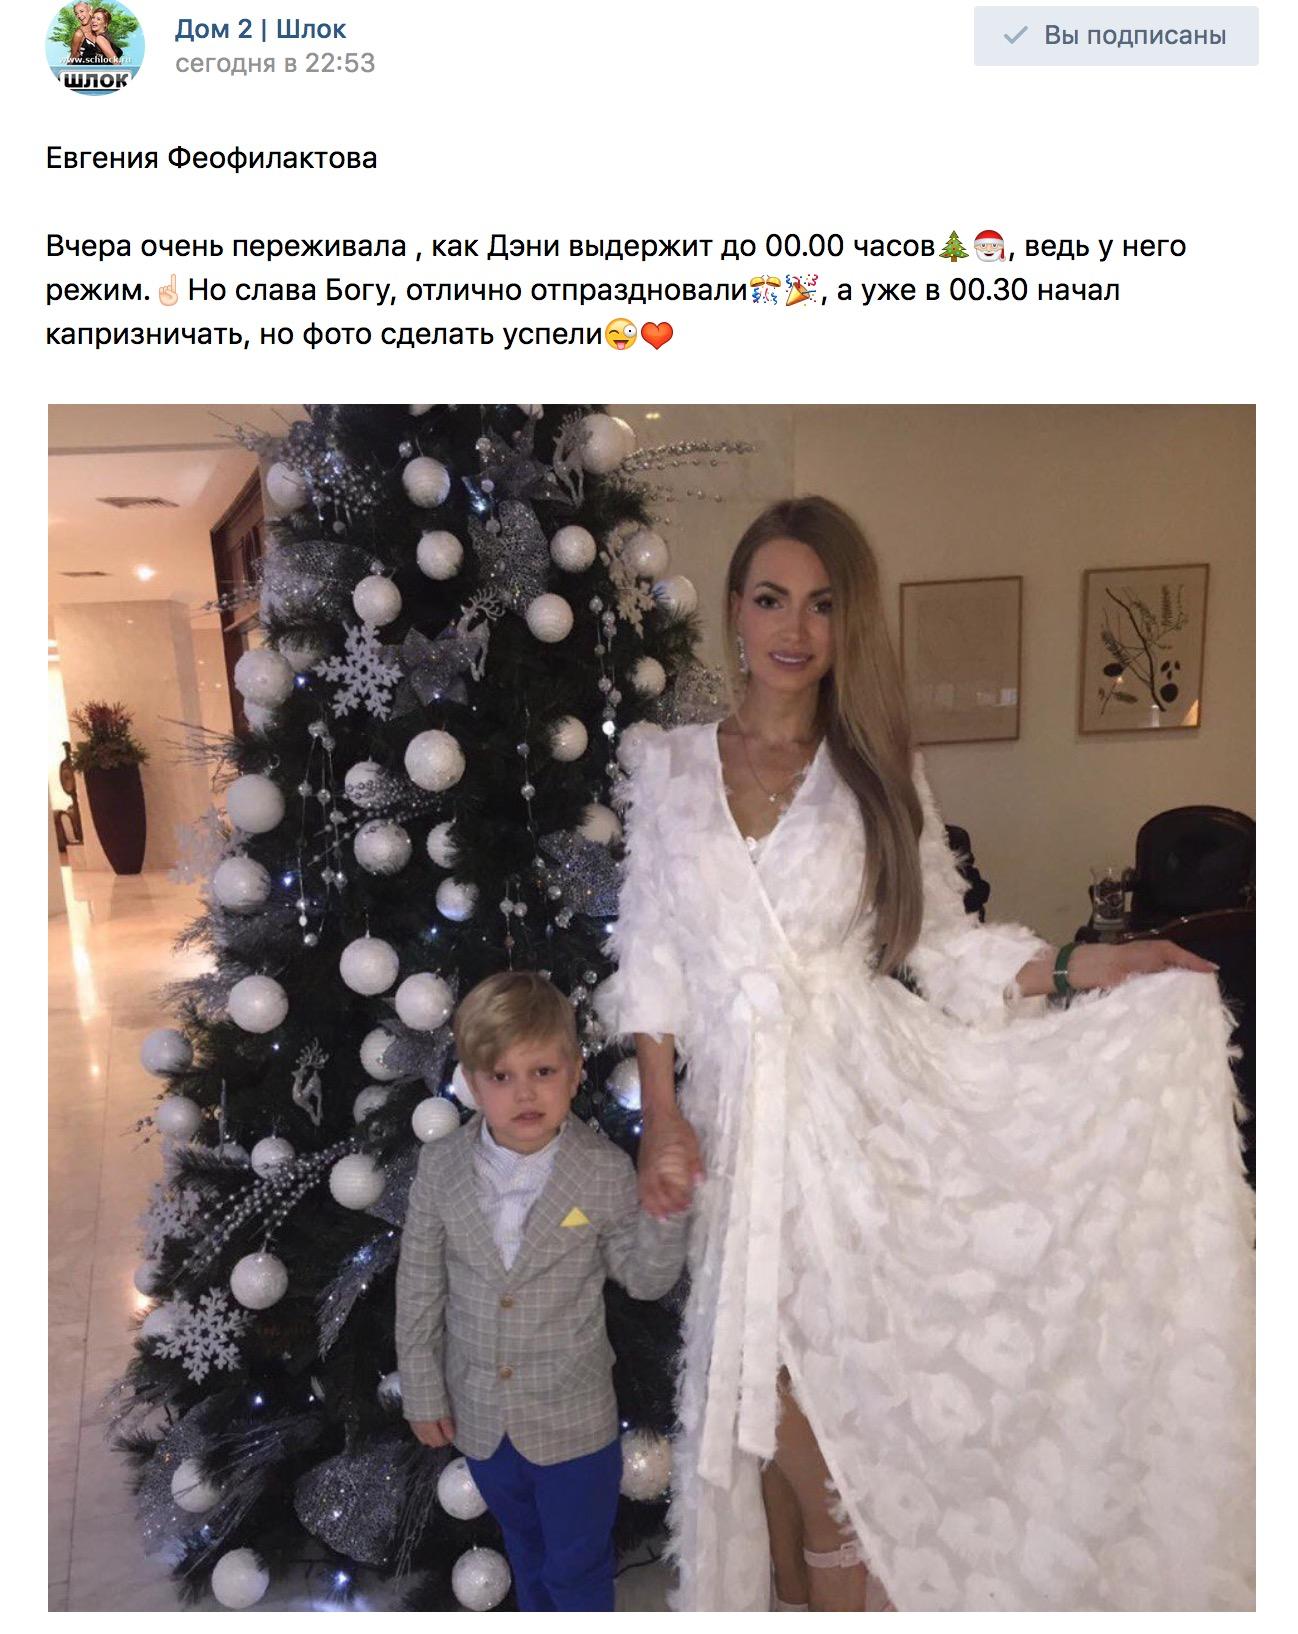 Евгения Феофилактова вчера очень переживала